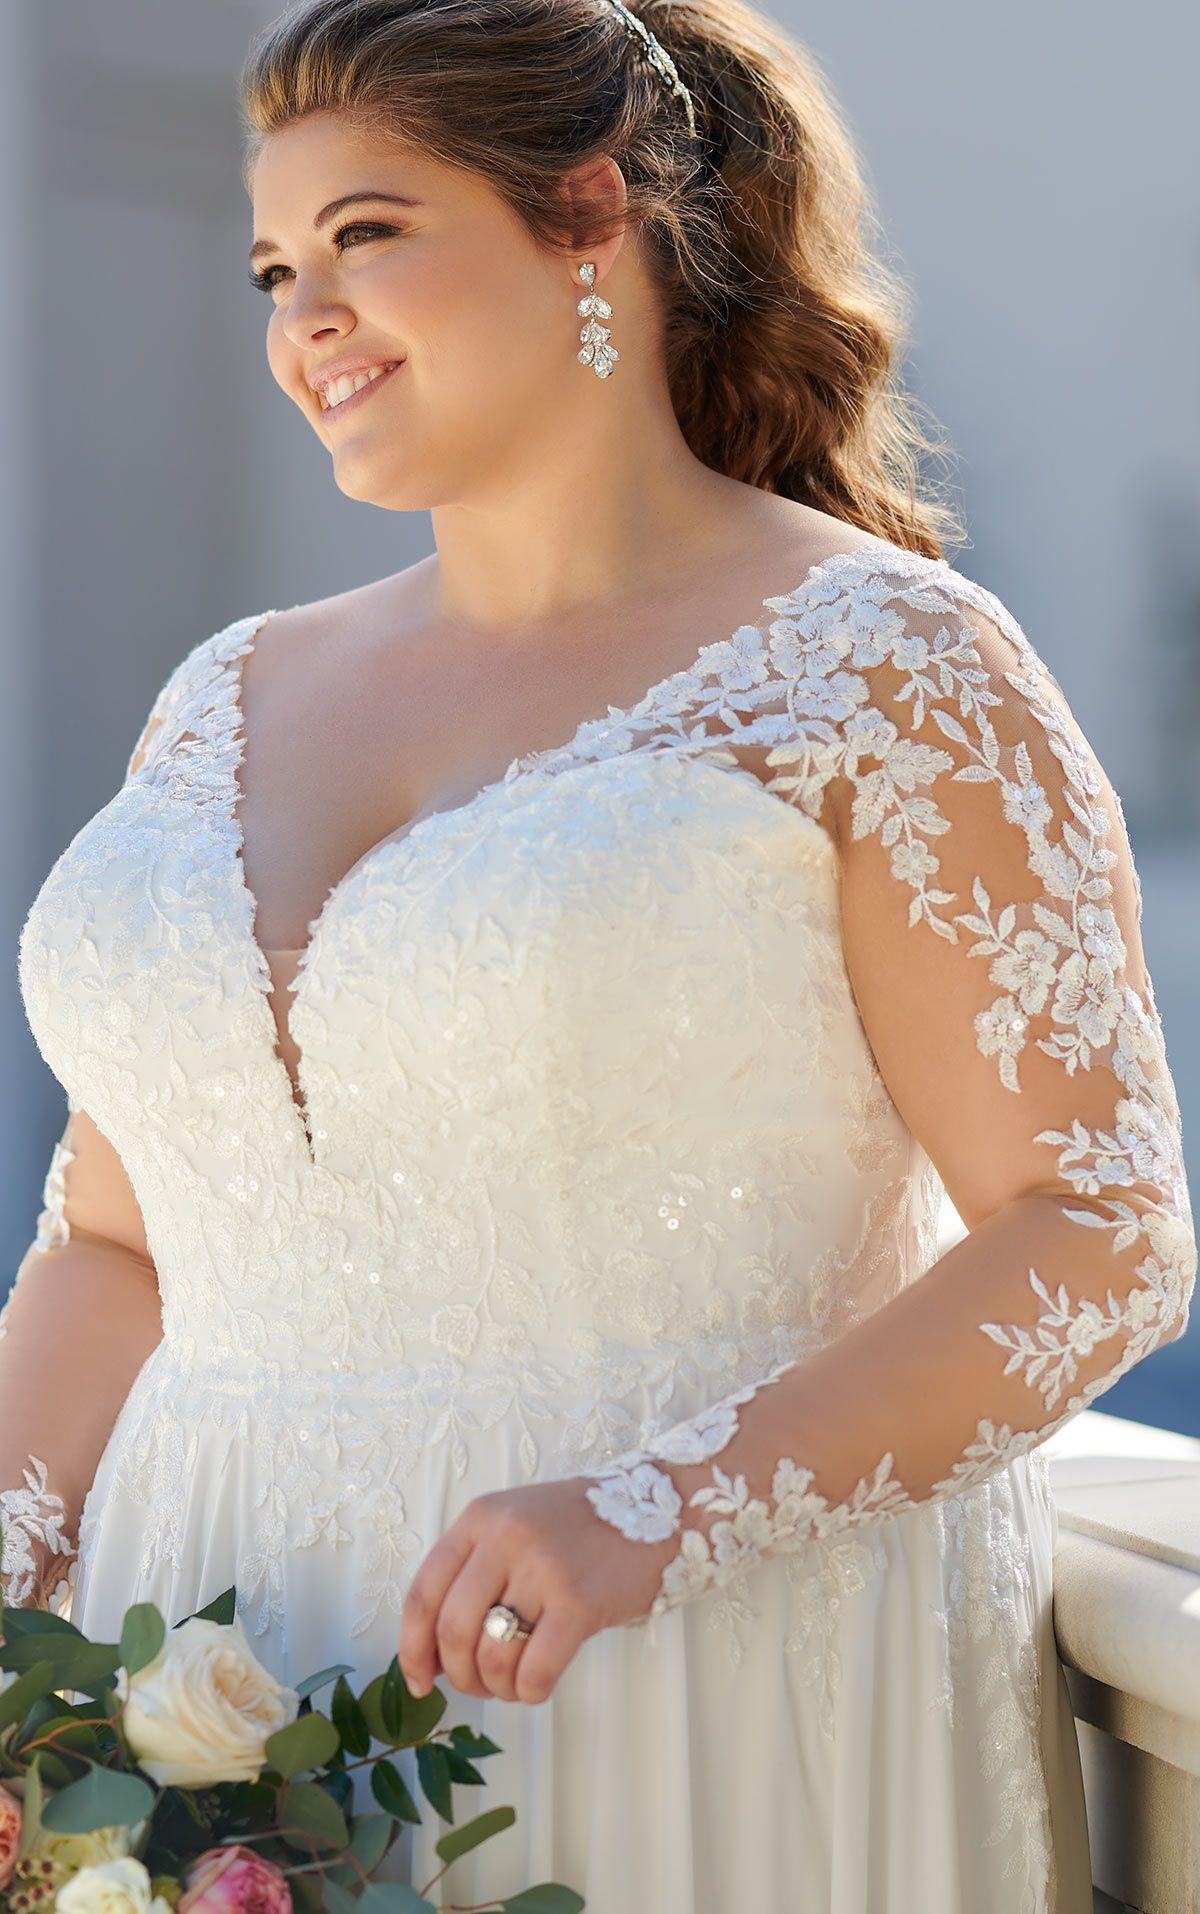 LongSleeved Casual PlusSize Wedding Dress Stella York